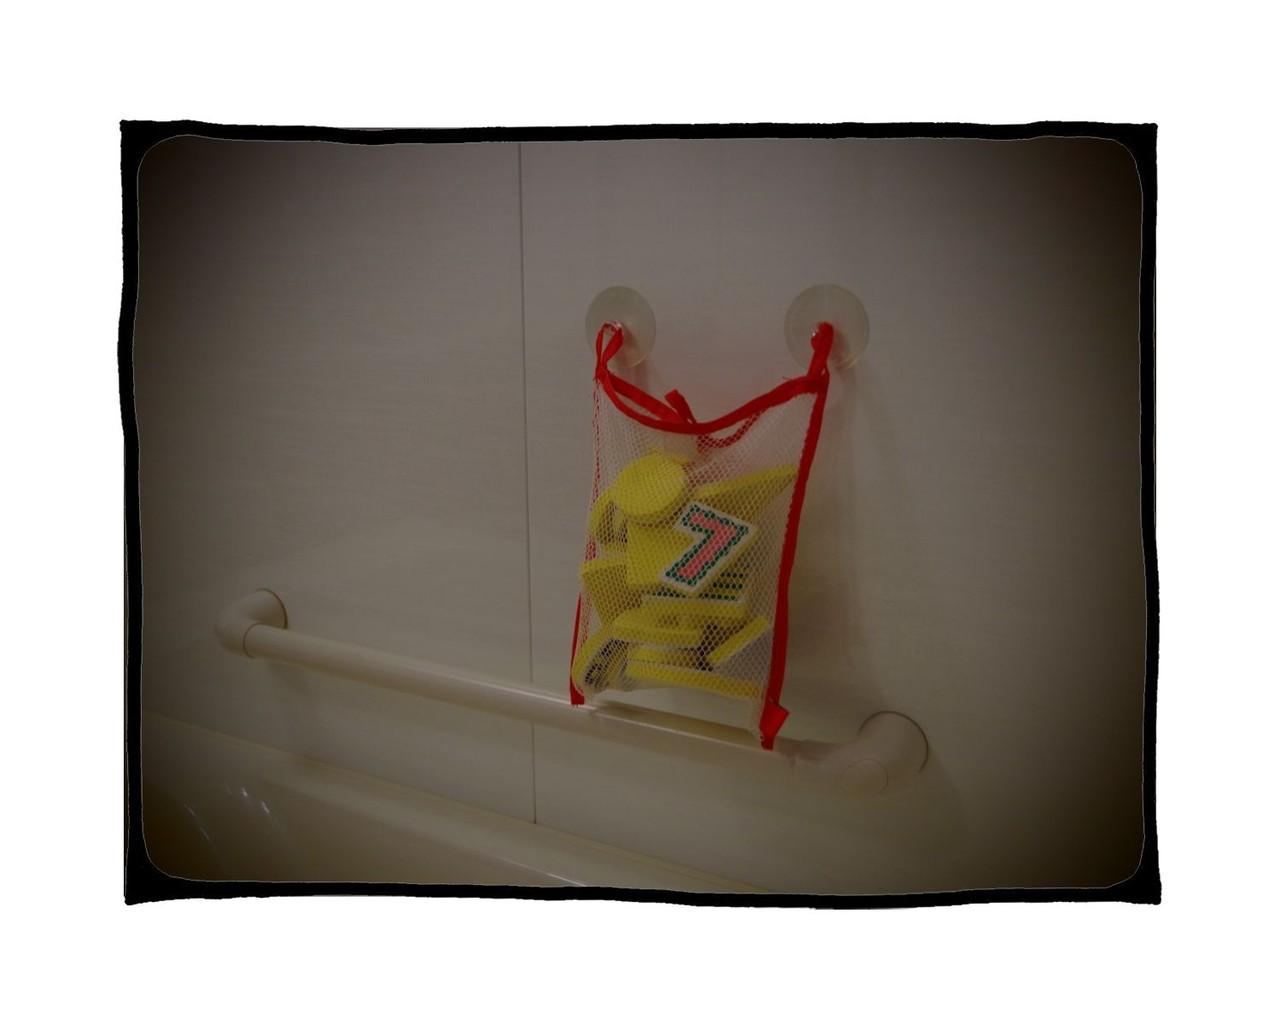 お風呂おもちゃ_before2